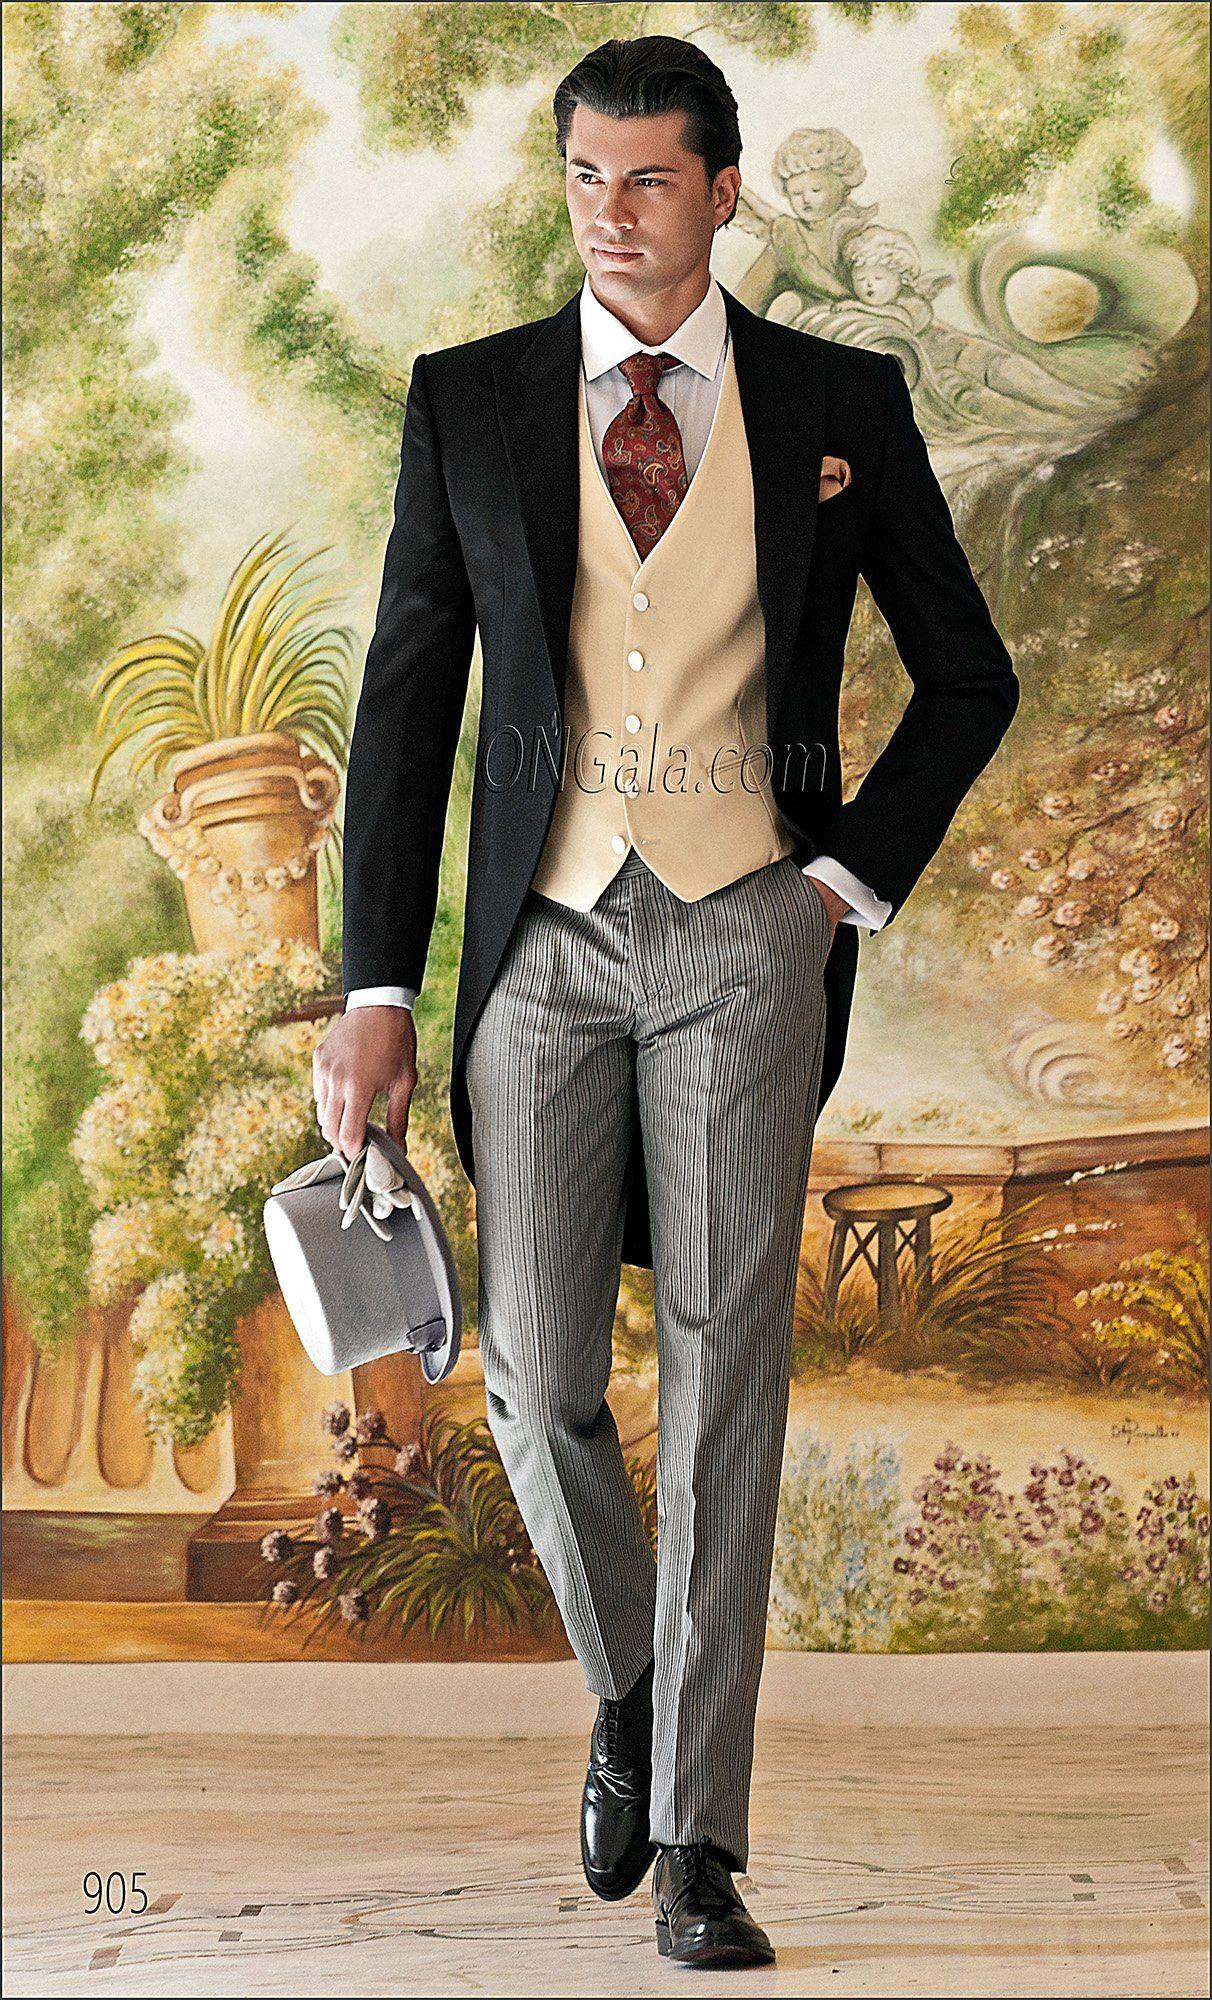 Abito Uomo Matrimonio Mattina : Abito da sposo giacca tight nera gilet avorio